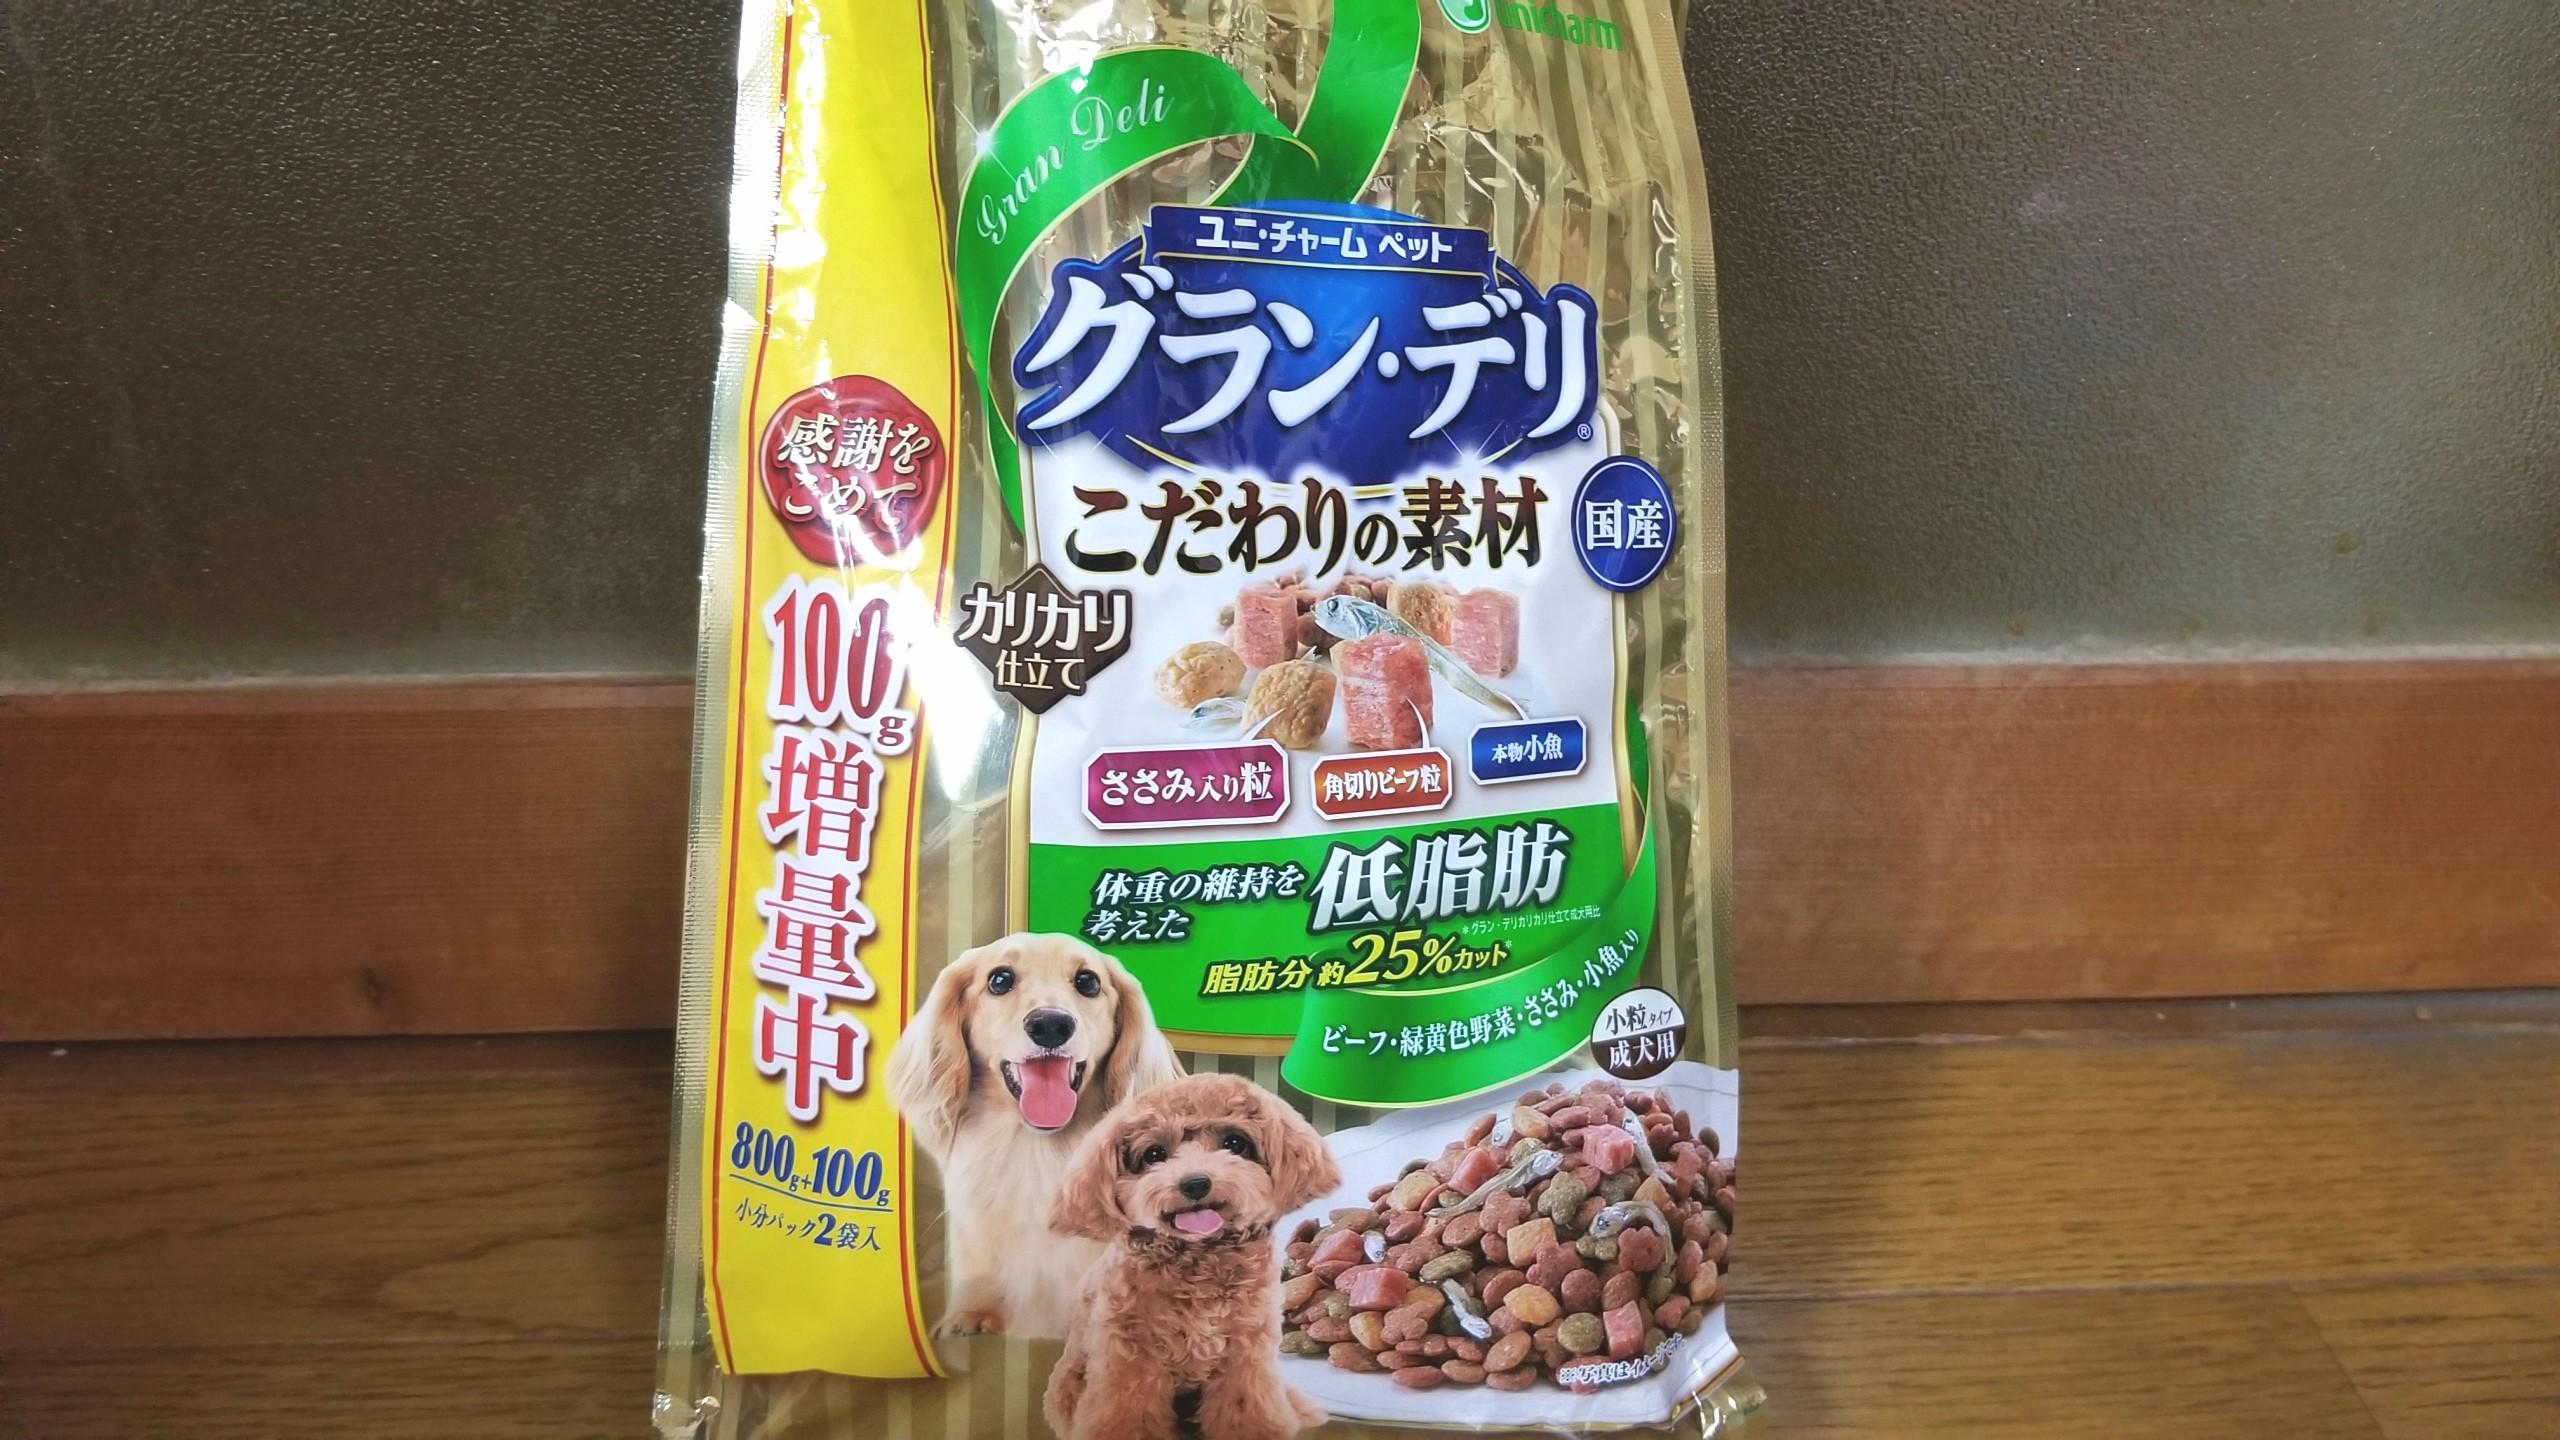 犬の病気,アレルギー,食欲不振,ドッグフード,体重減少,可哀想,老犬